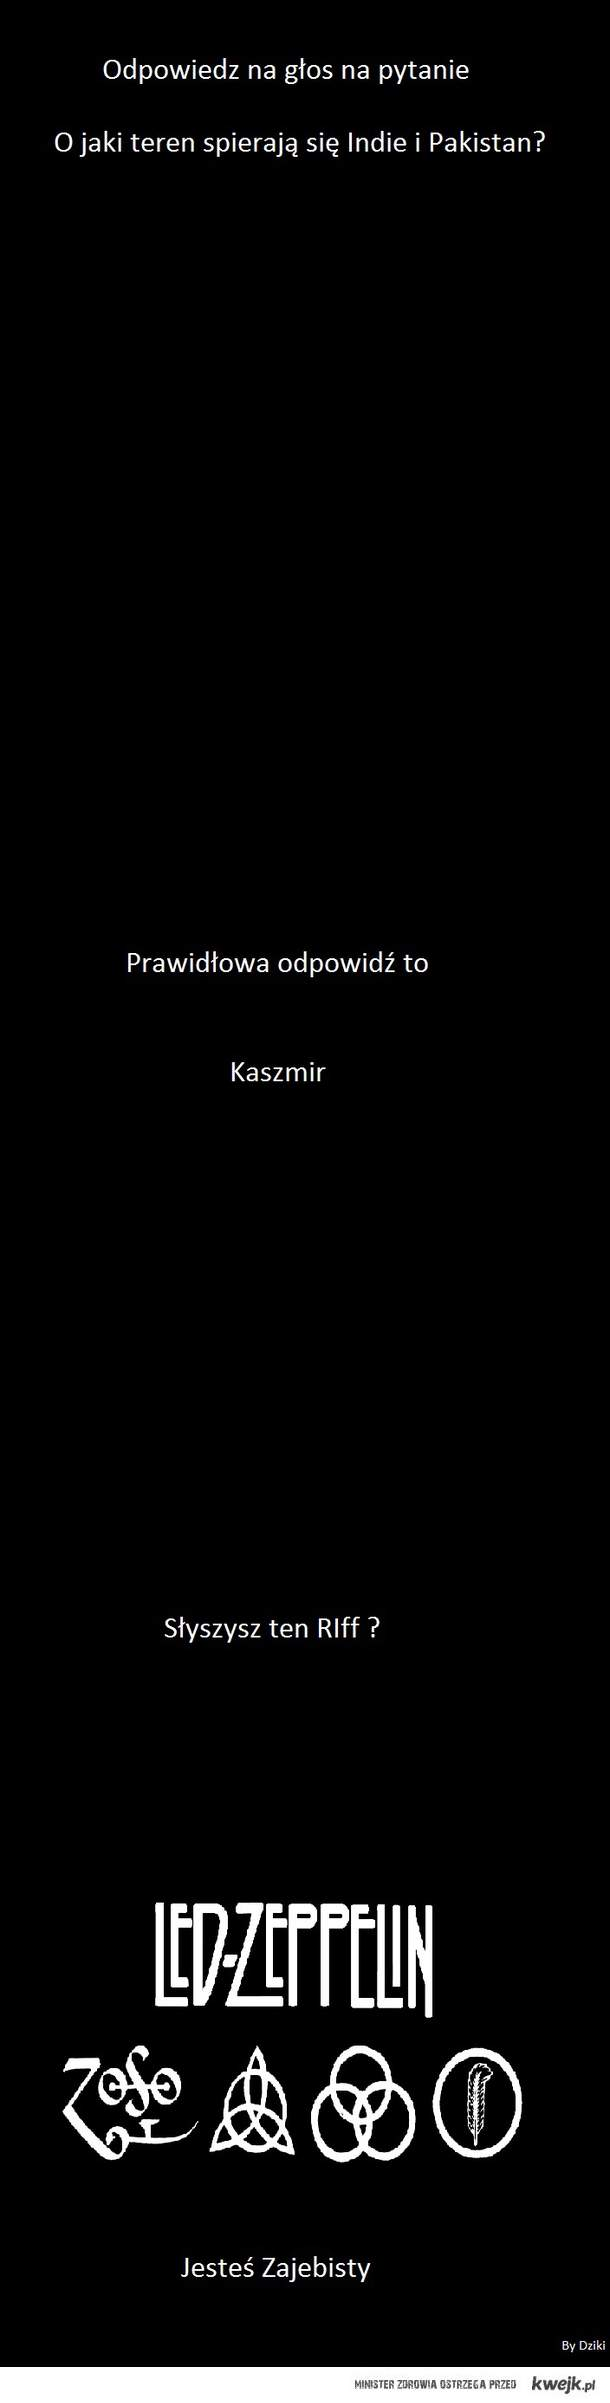 Quiz Muzyczno-Historyczny